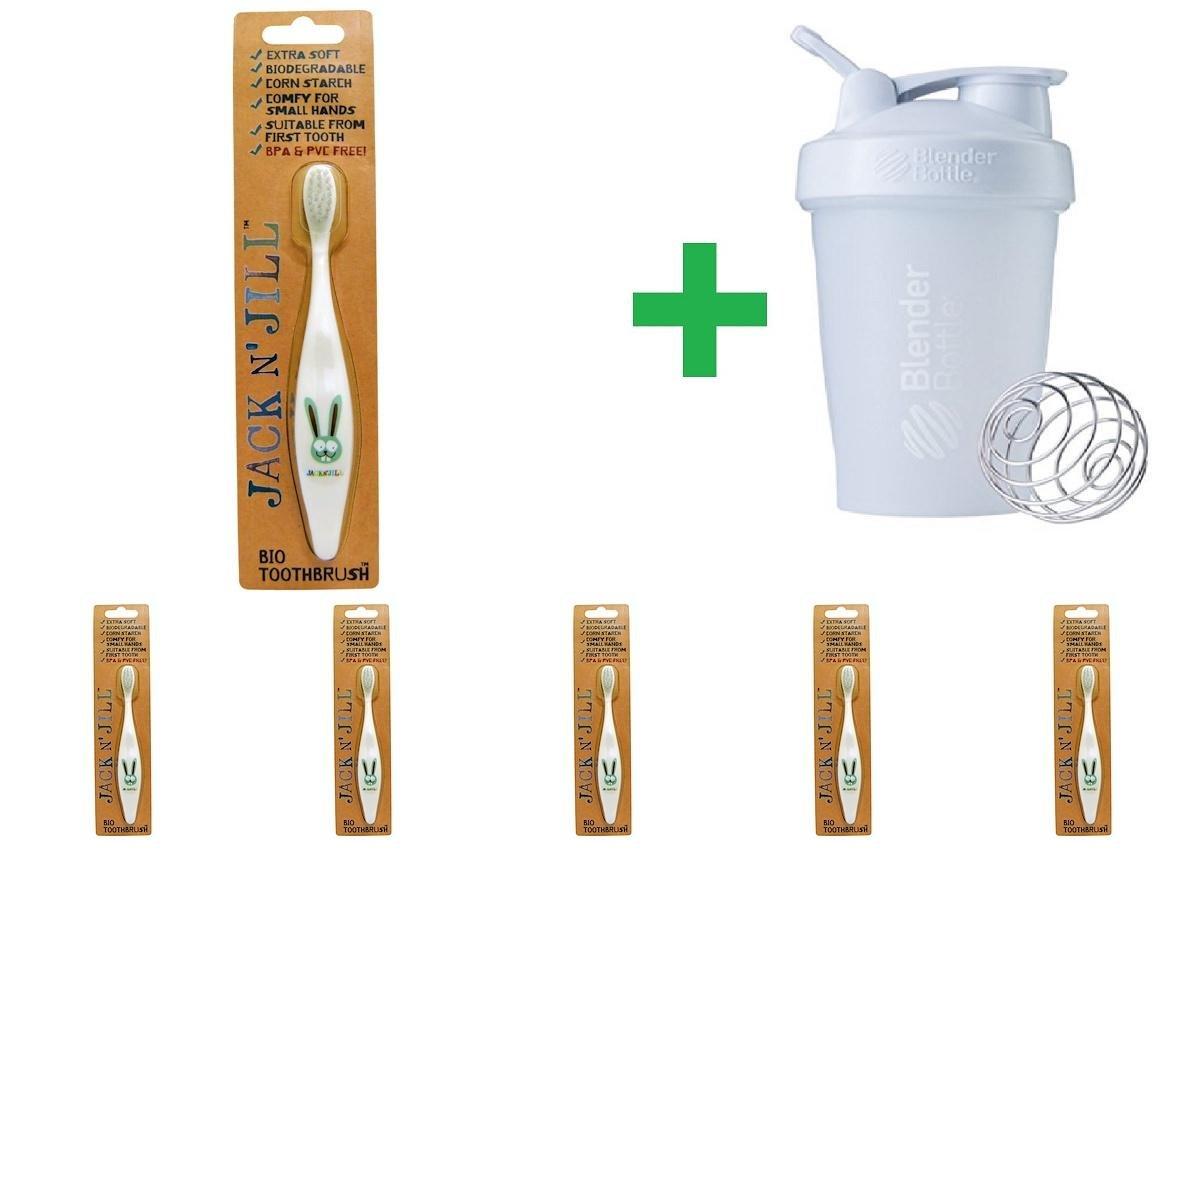 Jack n' Jill, Bio Toothbrush, Bunny, 1 Toothbrush(6 Packs)+ Assorted Sundesa, BlenderBottle, Classic With Loop, 20 oz by Jack n' JillToothbrush